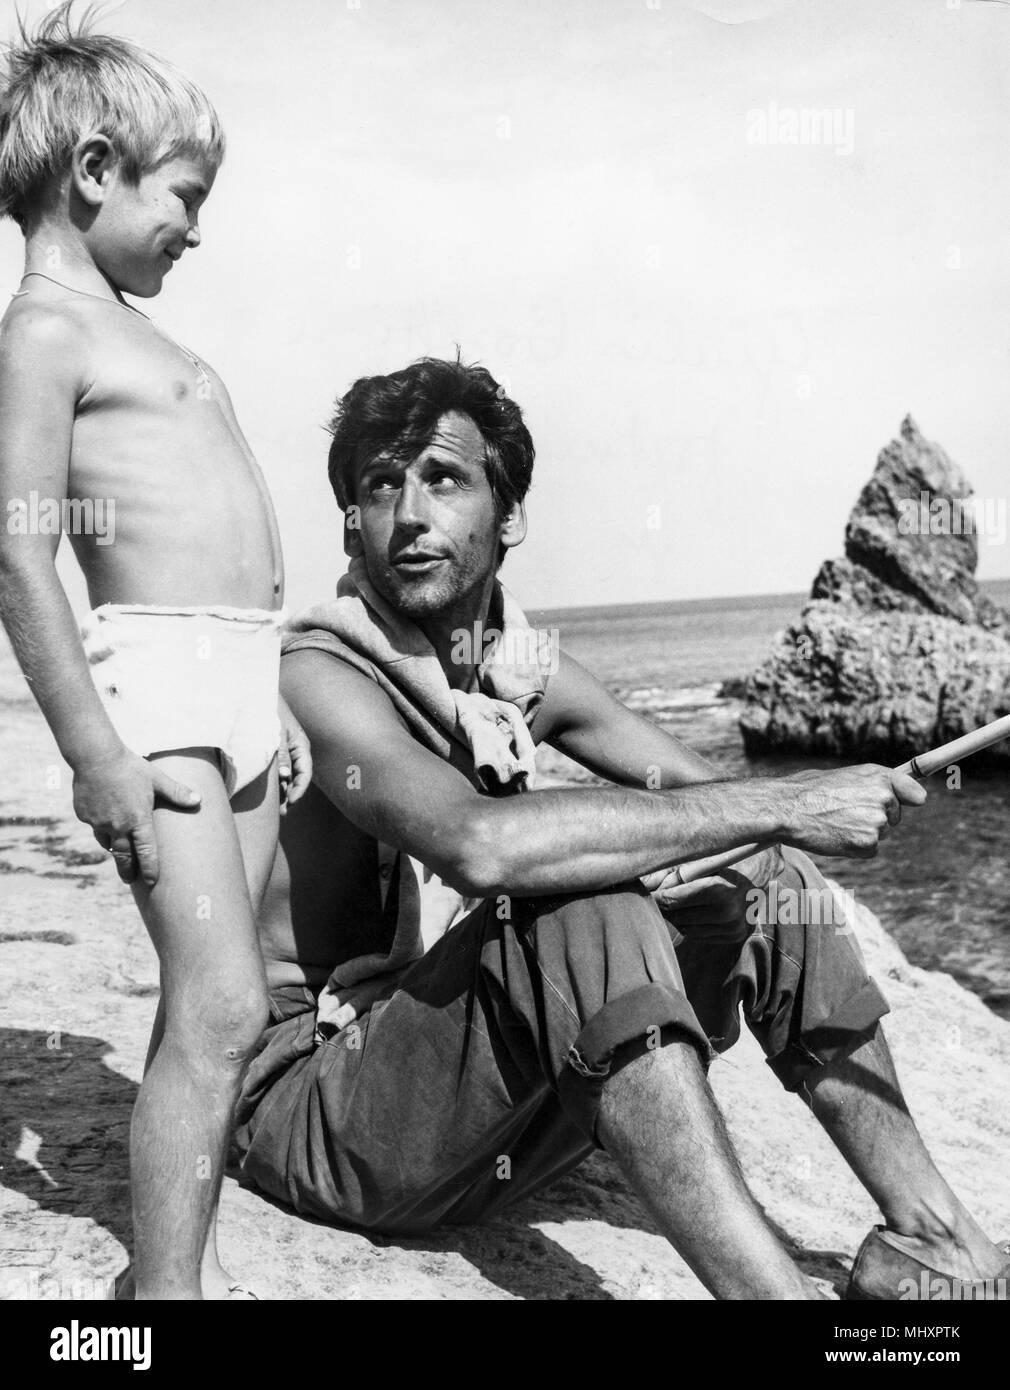 giulio bosetti, fortunato marsala, un amico, 1968 - Stock Image